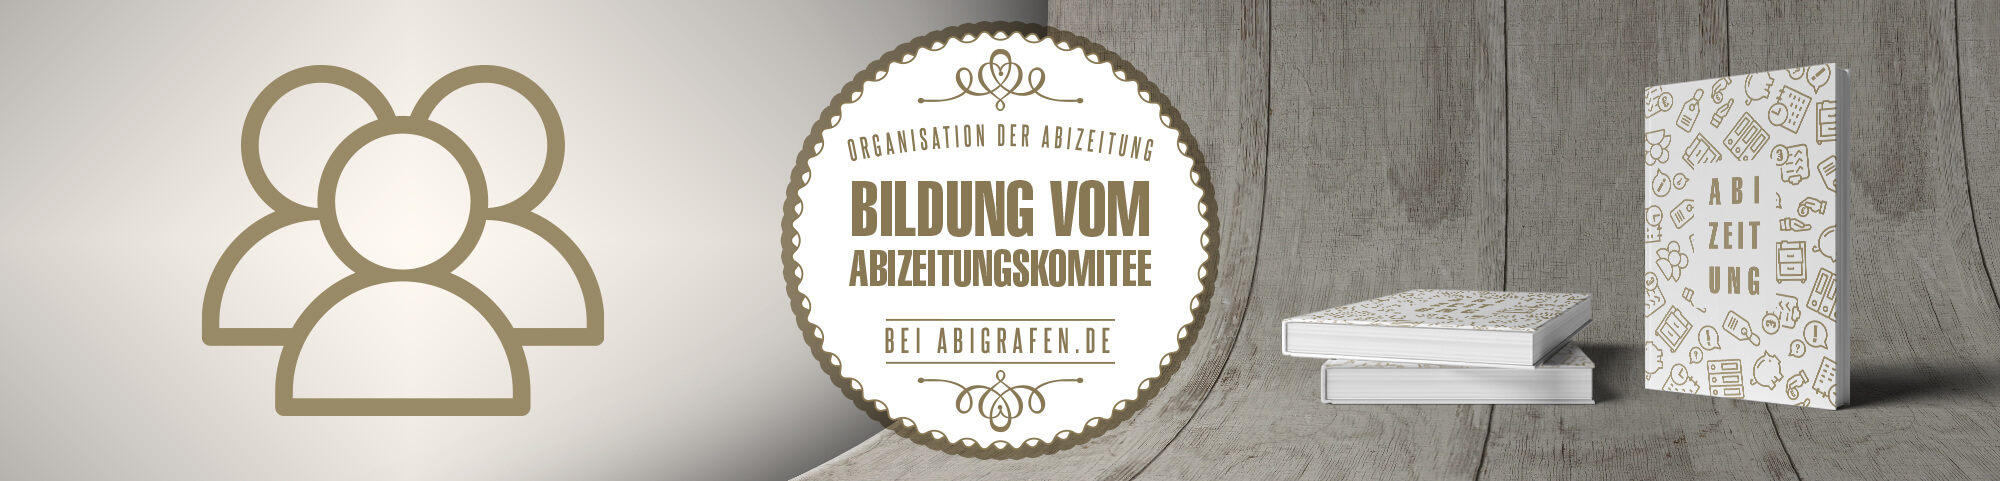 Organisation der Abizeitung: Abizeitungskomitee gründen, strukturieren und Aufgaben für die Umsetzung des Projektes Abizeitung/Abibuch planen